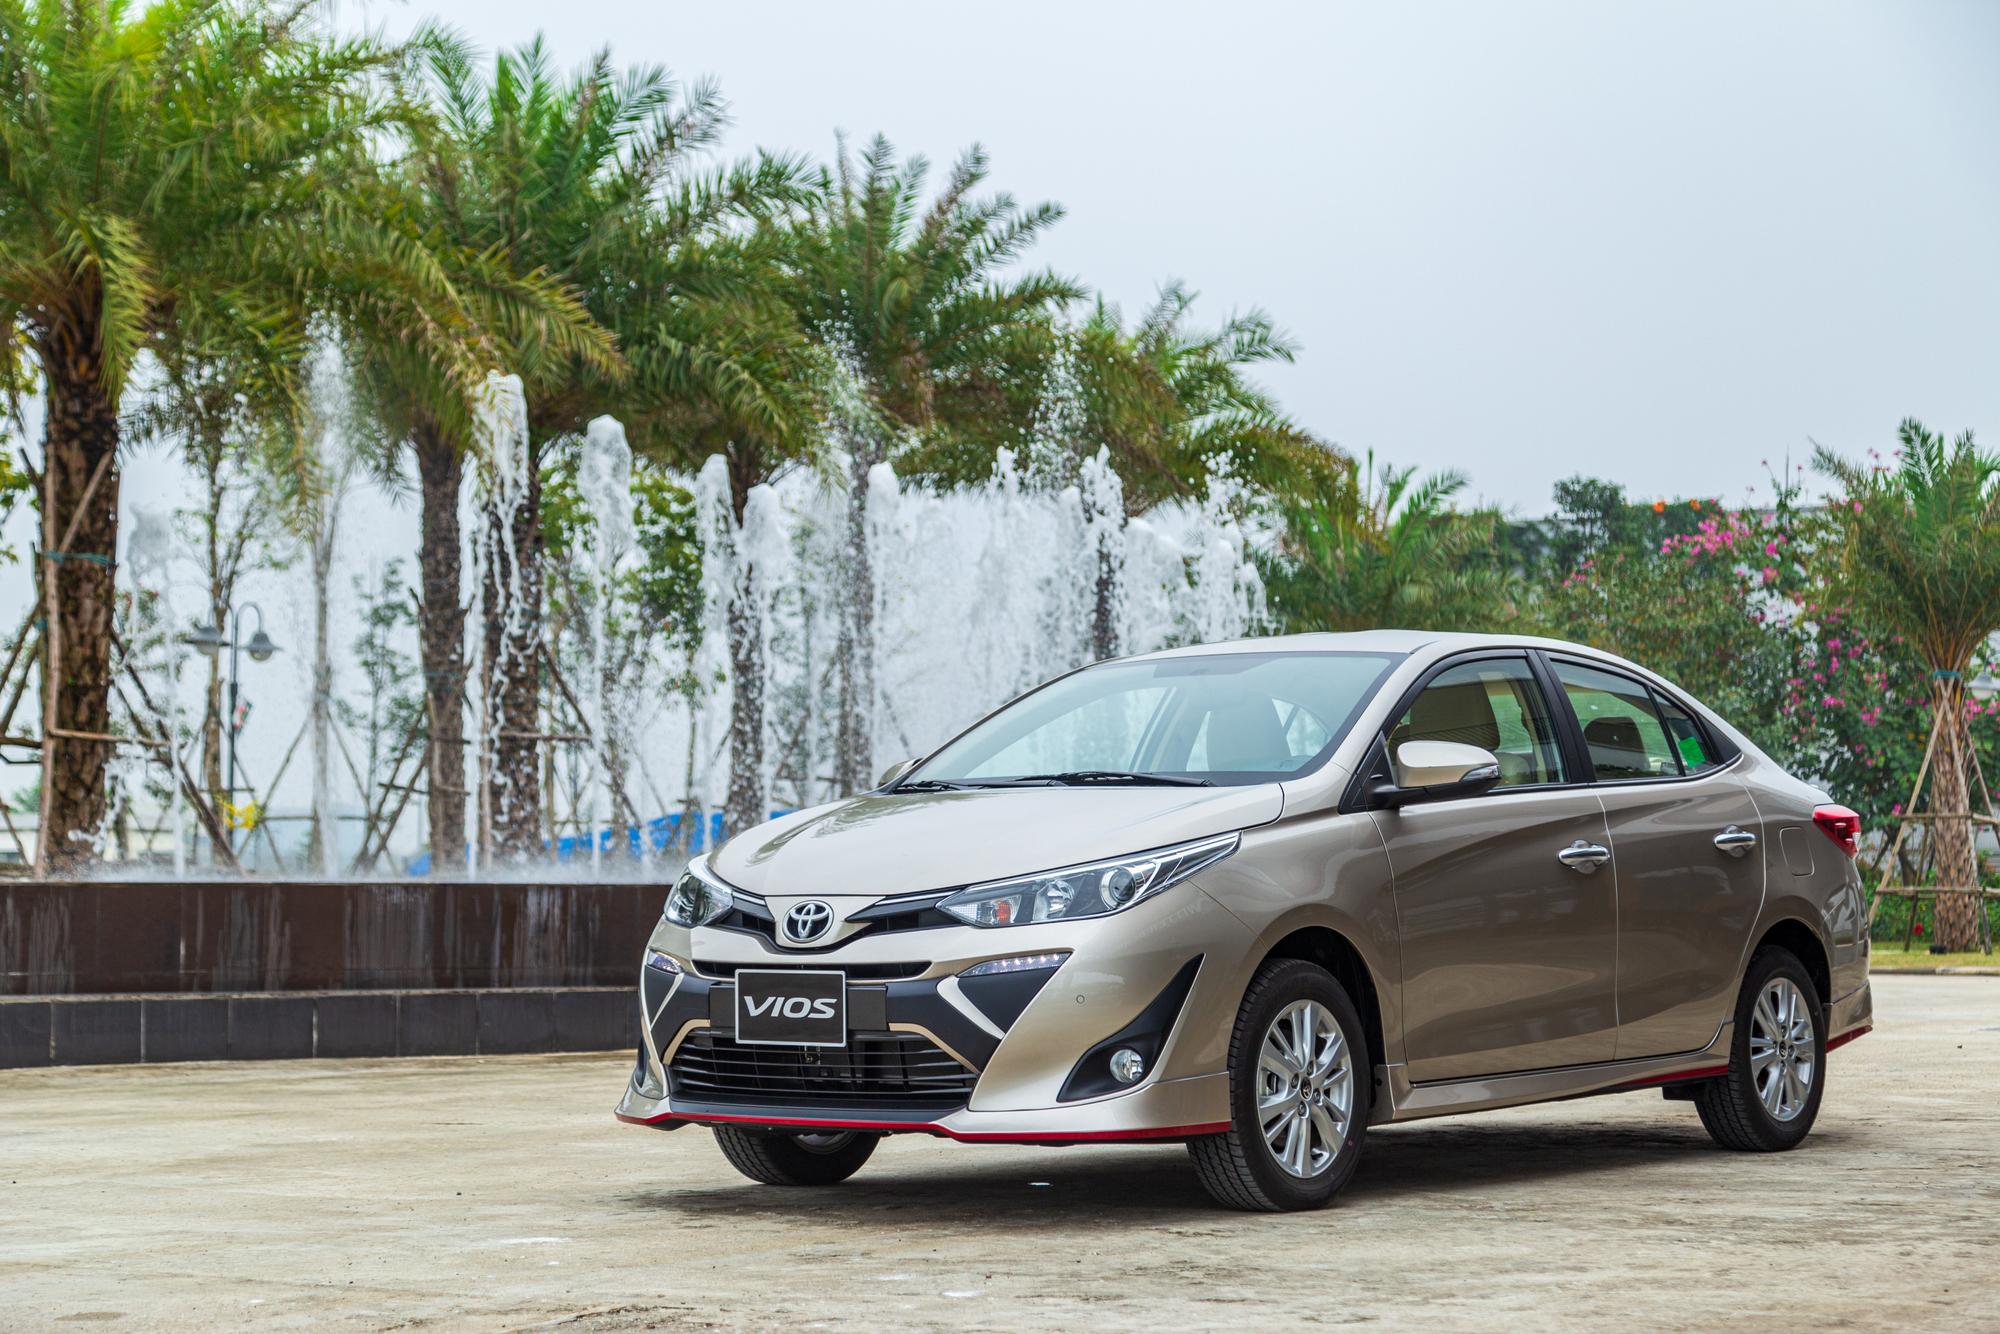 Top 10 xe bán chạy nhất Việt Nam năm 2020 Toyota Việt Nam bán được hơn 72.000 xe trong năm 2020 toyota-vios-1.JPG